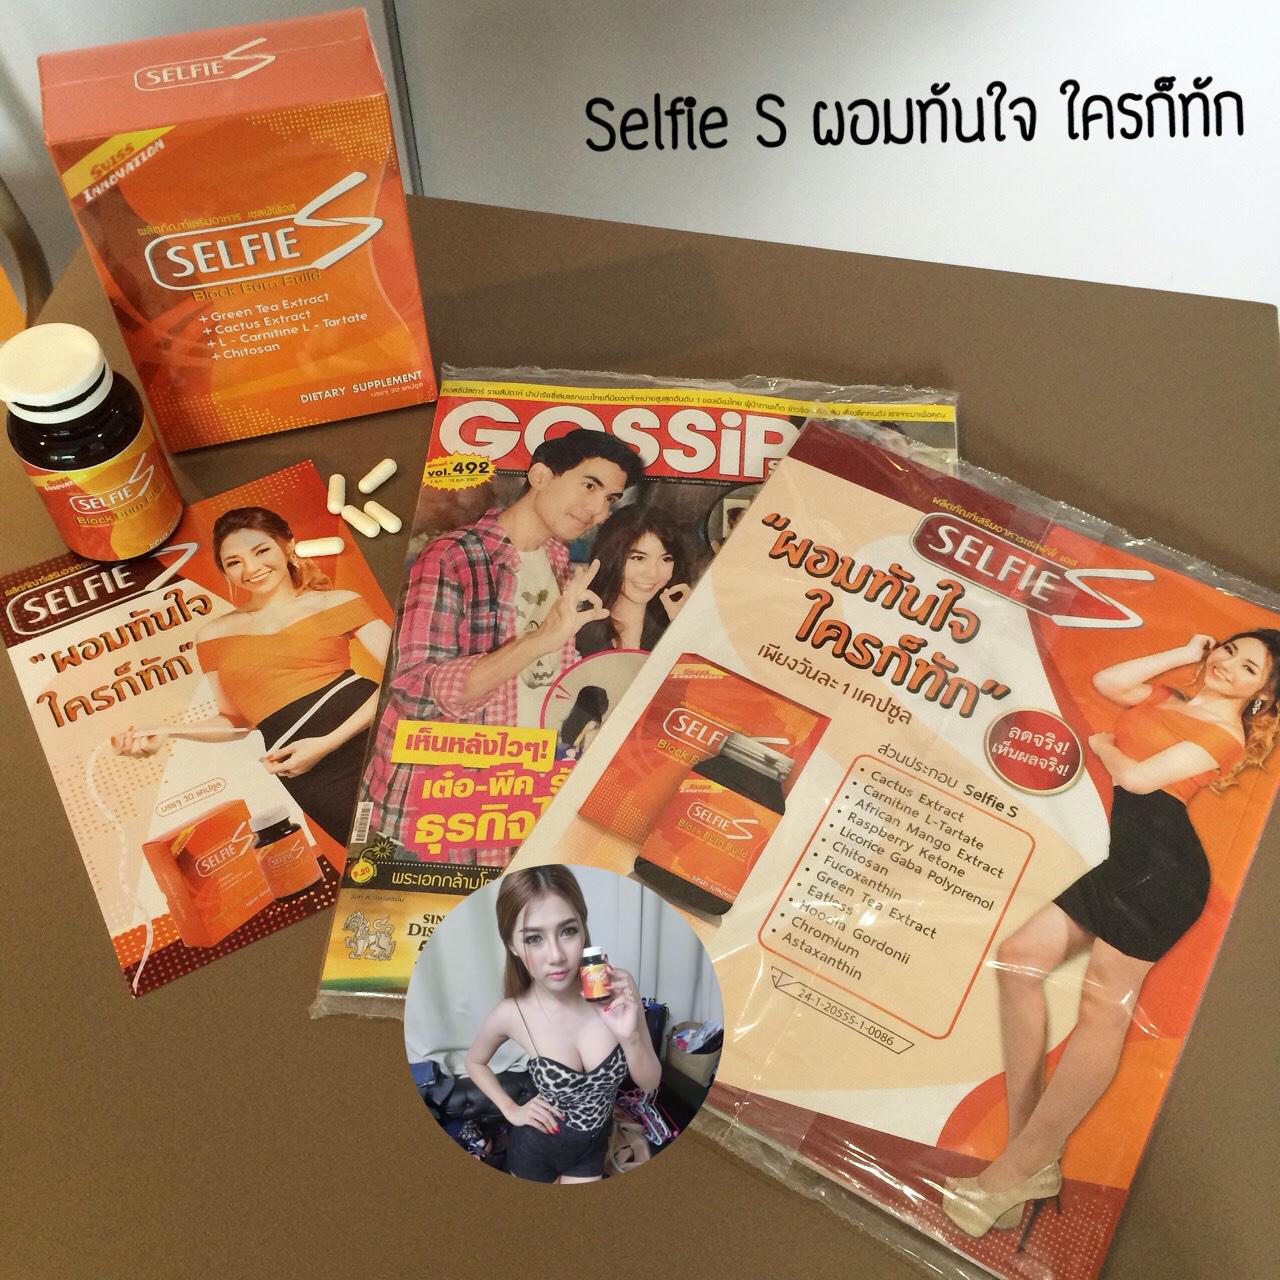 Selfie S เซลฟี่ เอส อาหารเสริมลดน้ำหนัก นิตยสาร GOSSIP